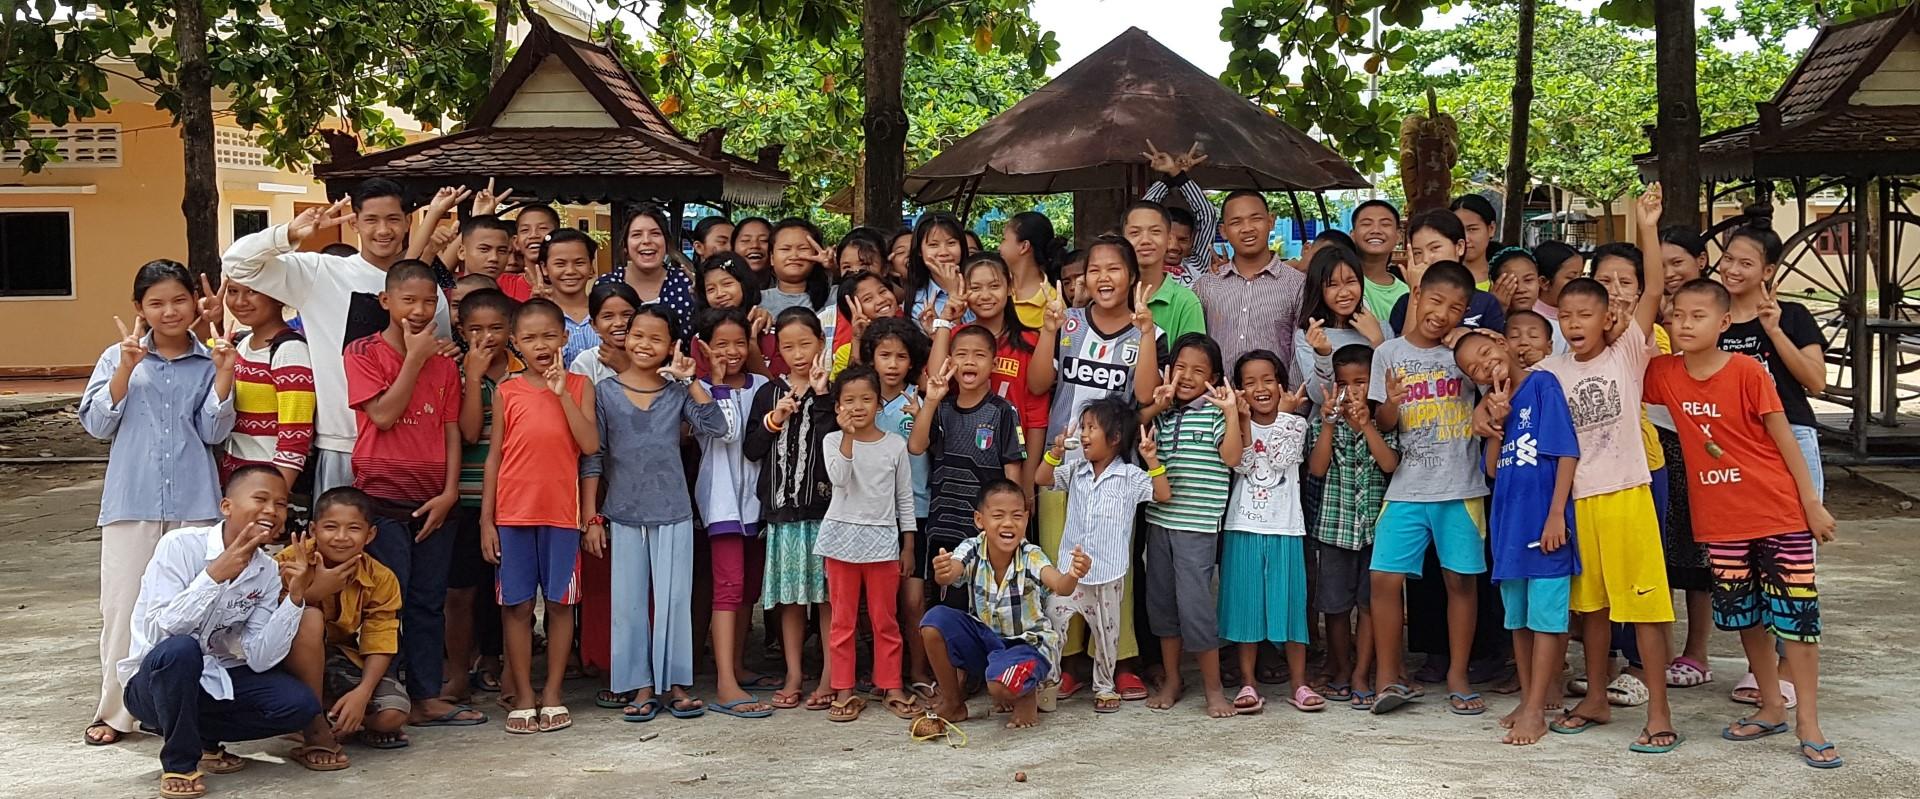 Mathilde und die Kinder von FLO